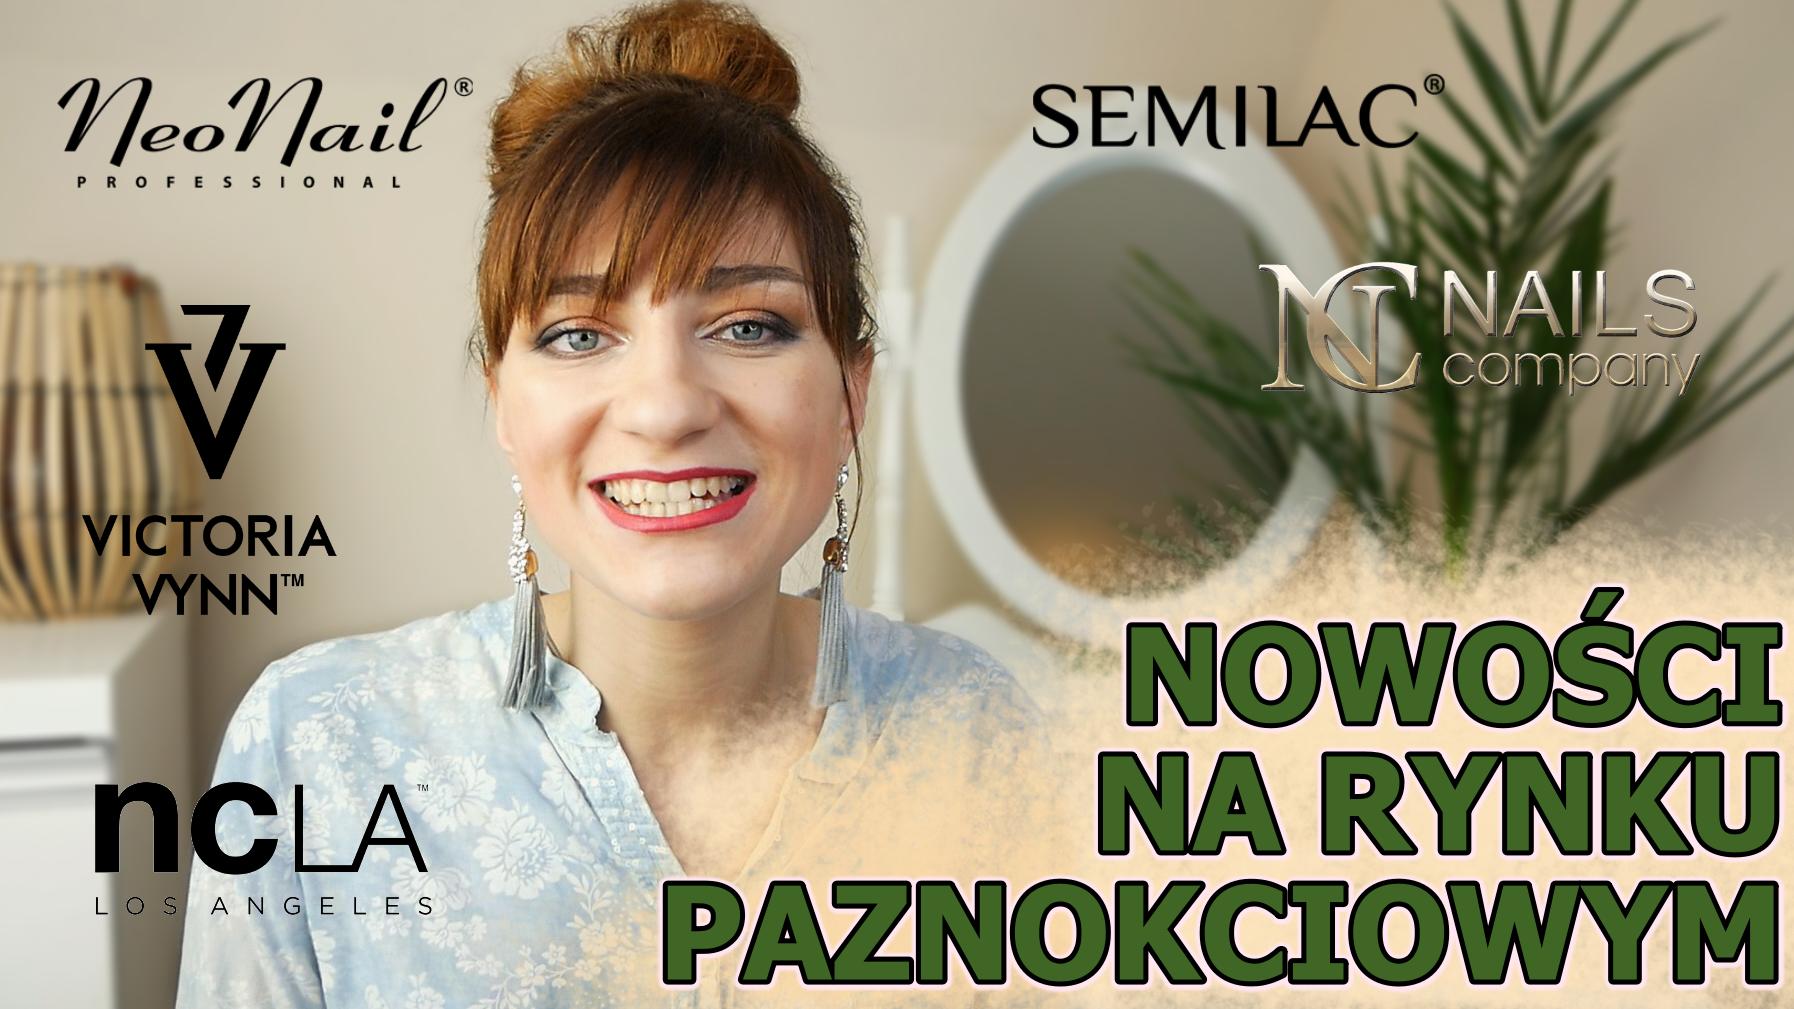 Nowości na rynku paznokciowym- NOWA SERIA - Lakierowniczka